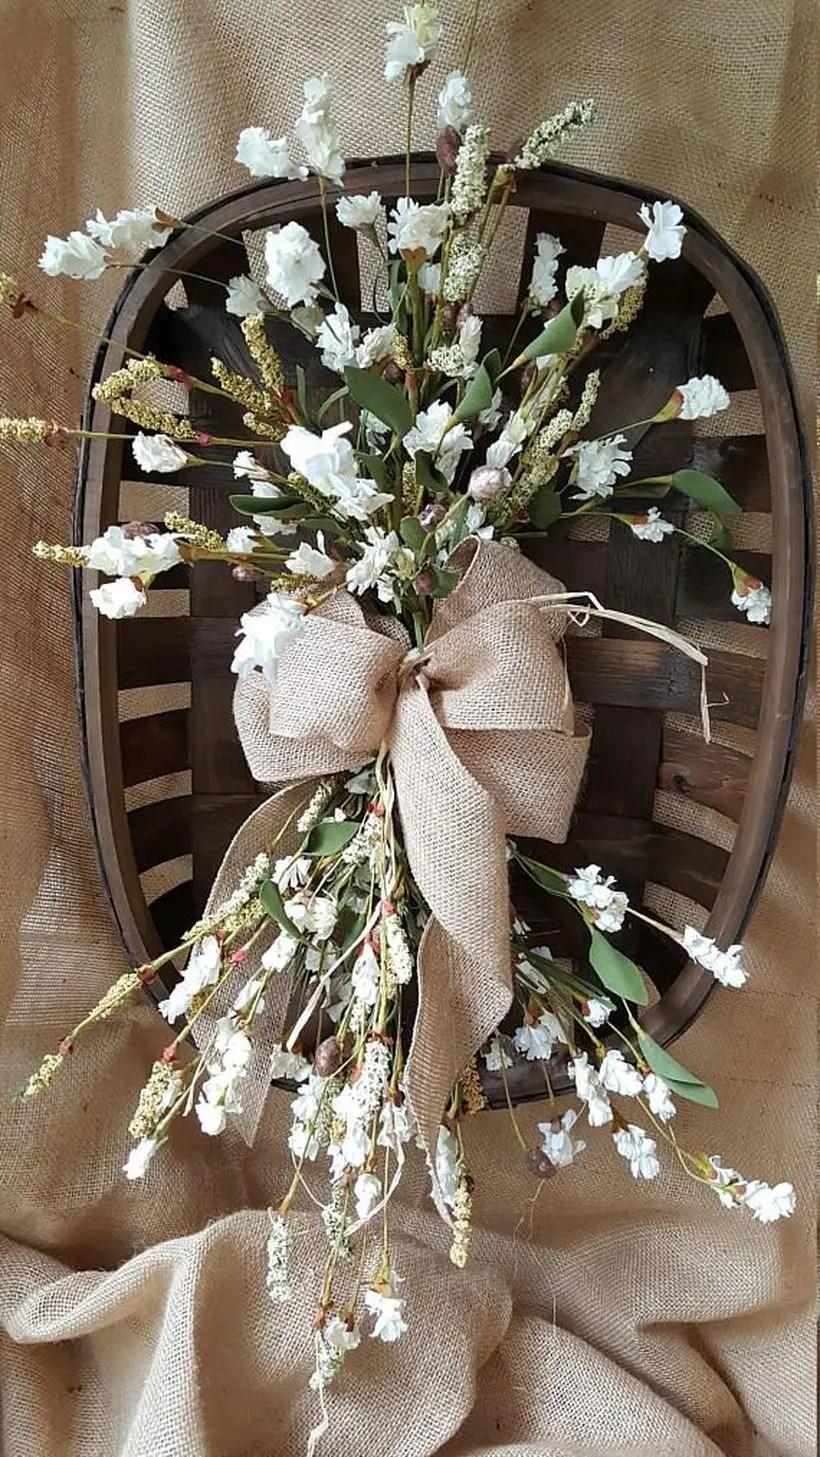 Black basket with flower